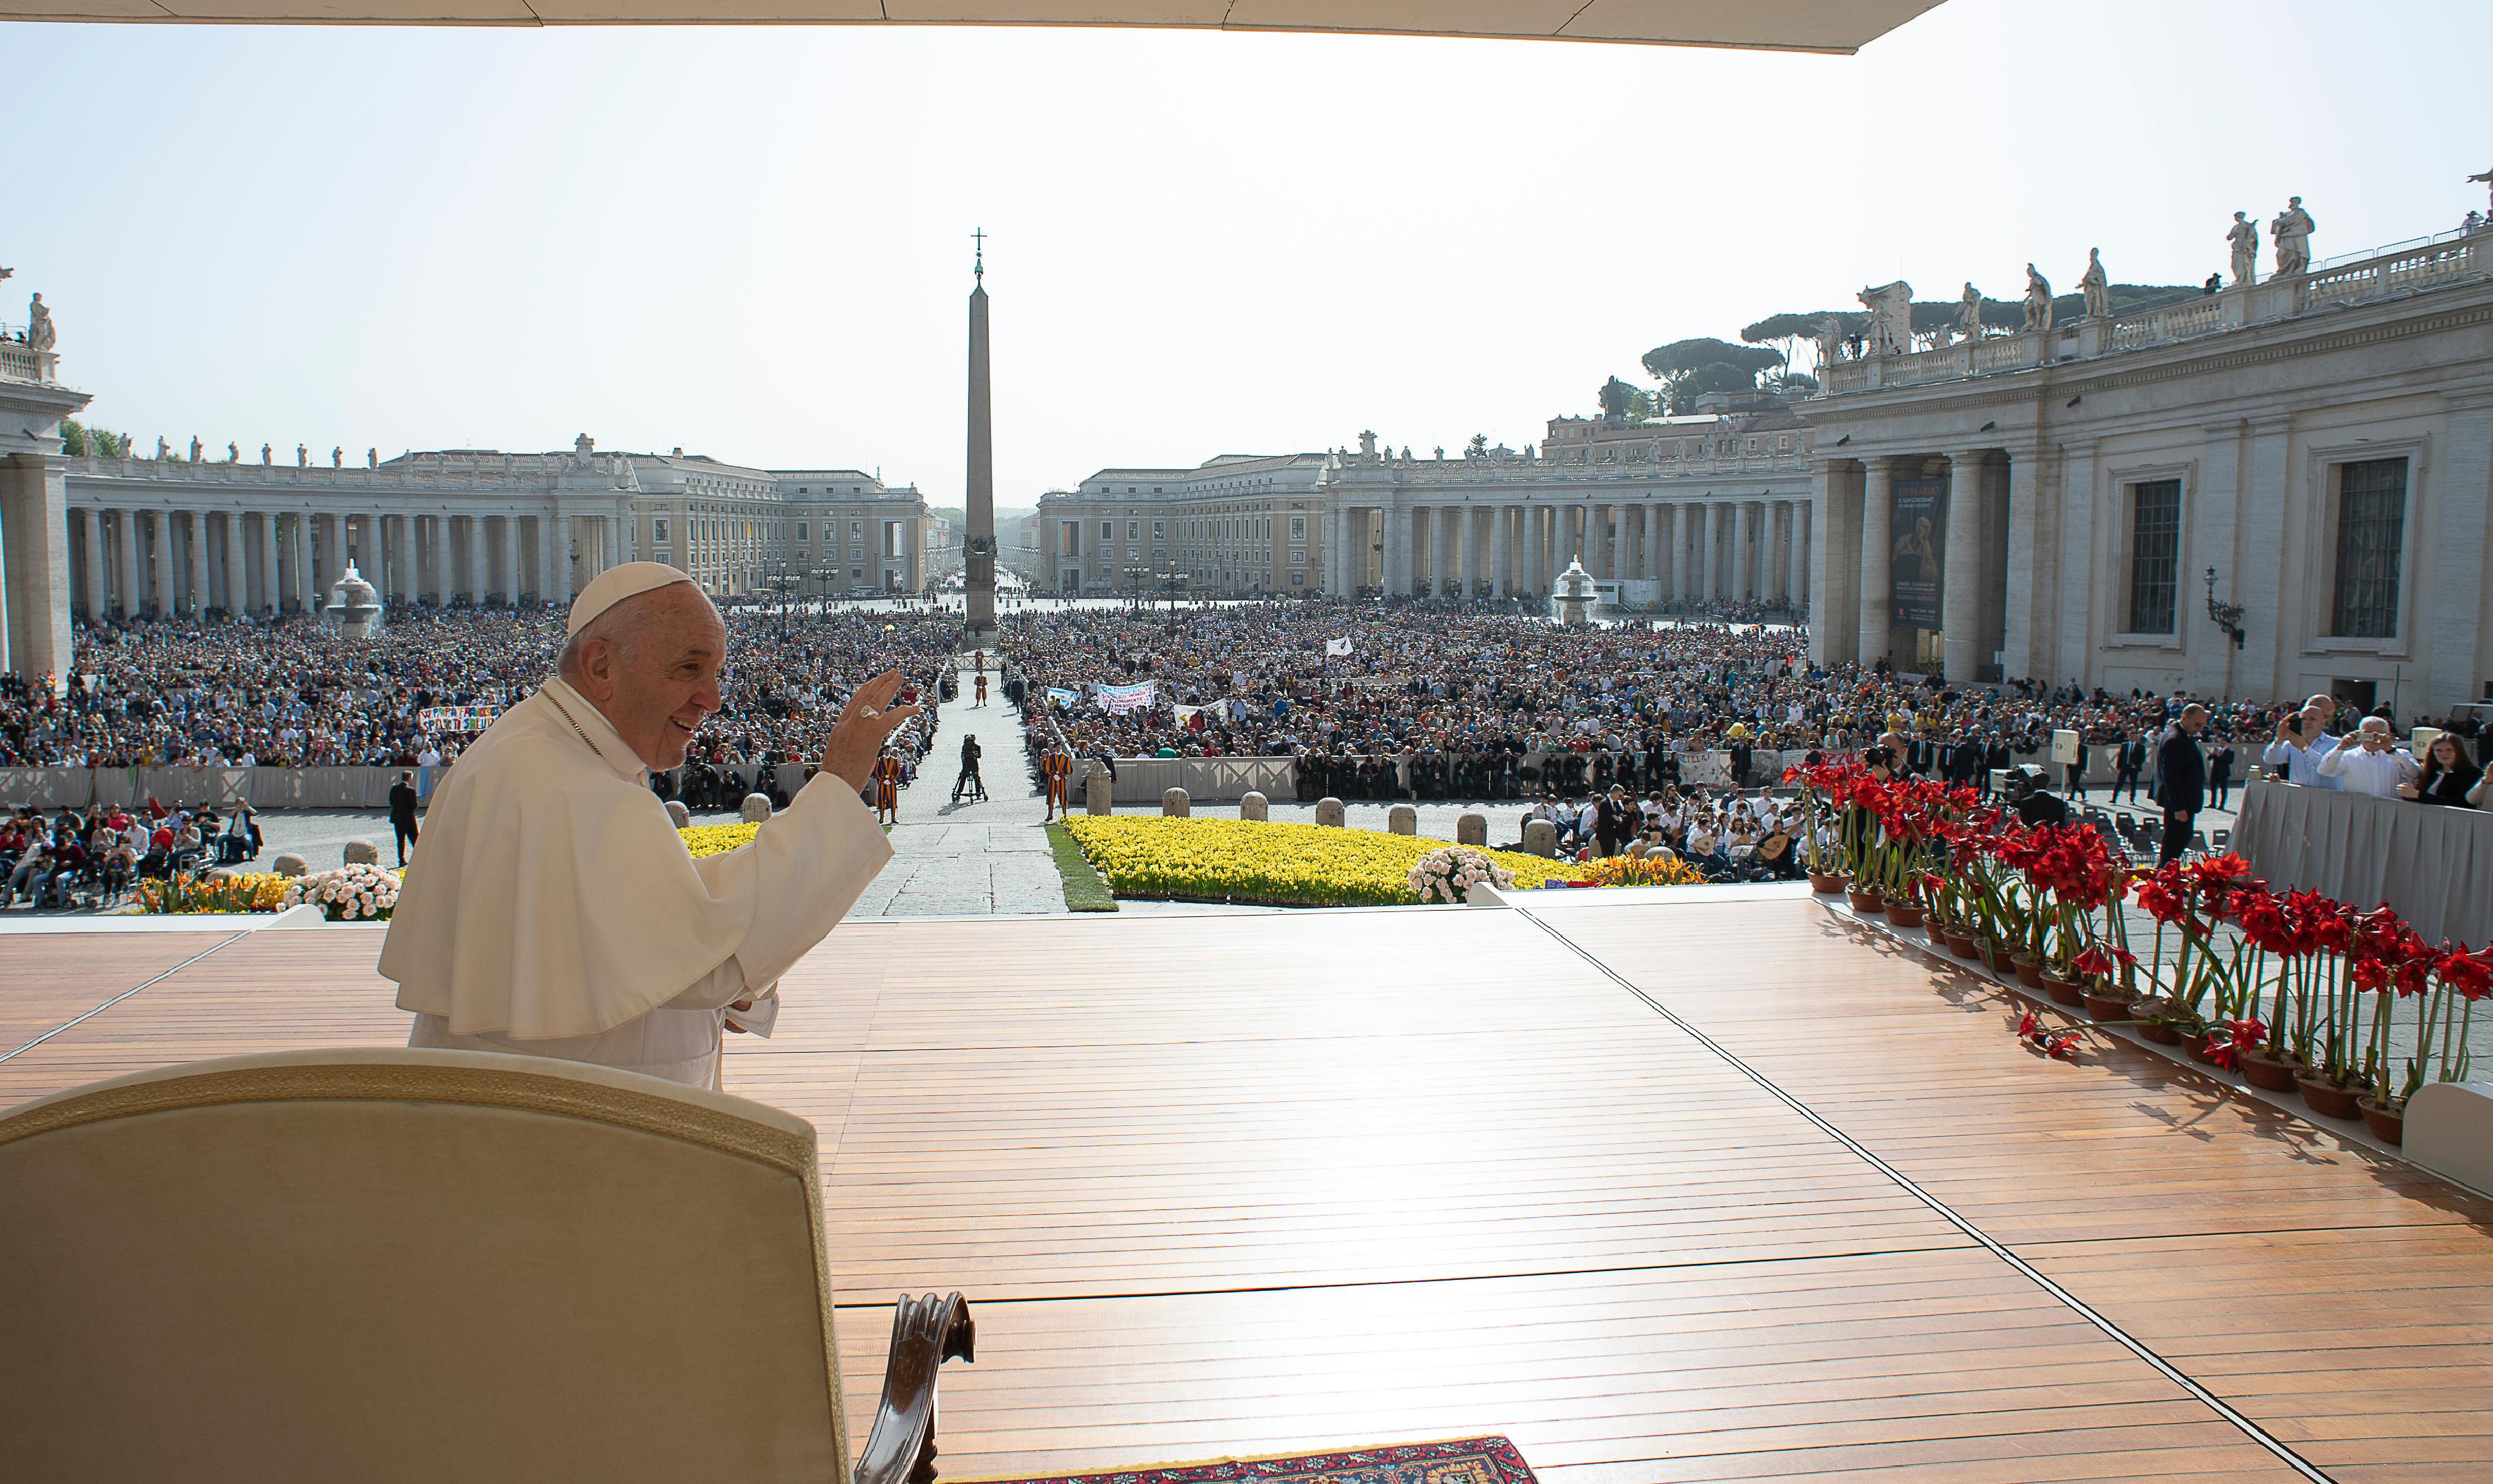 Saludo del Papa Francisco en la audiencia general, 24 abril 2019 © Vatican Media